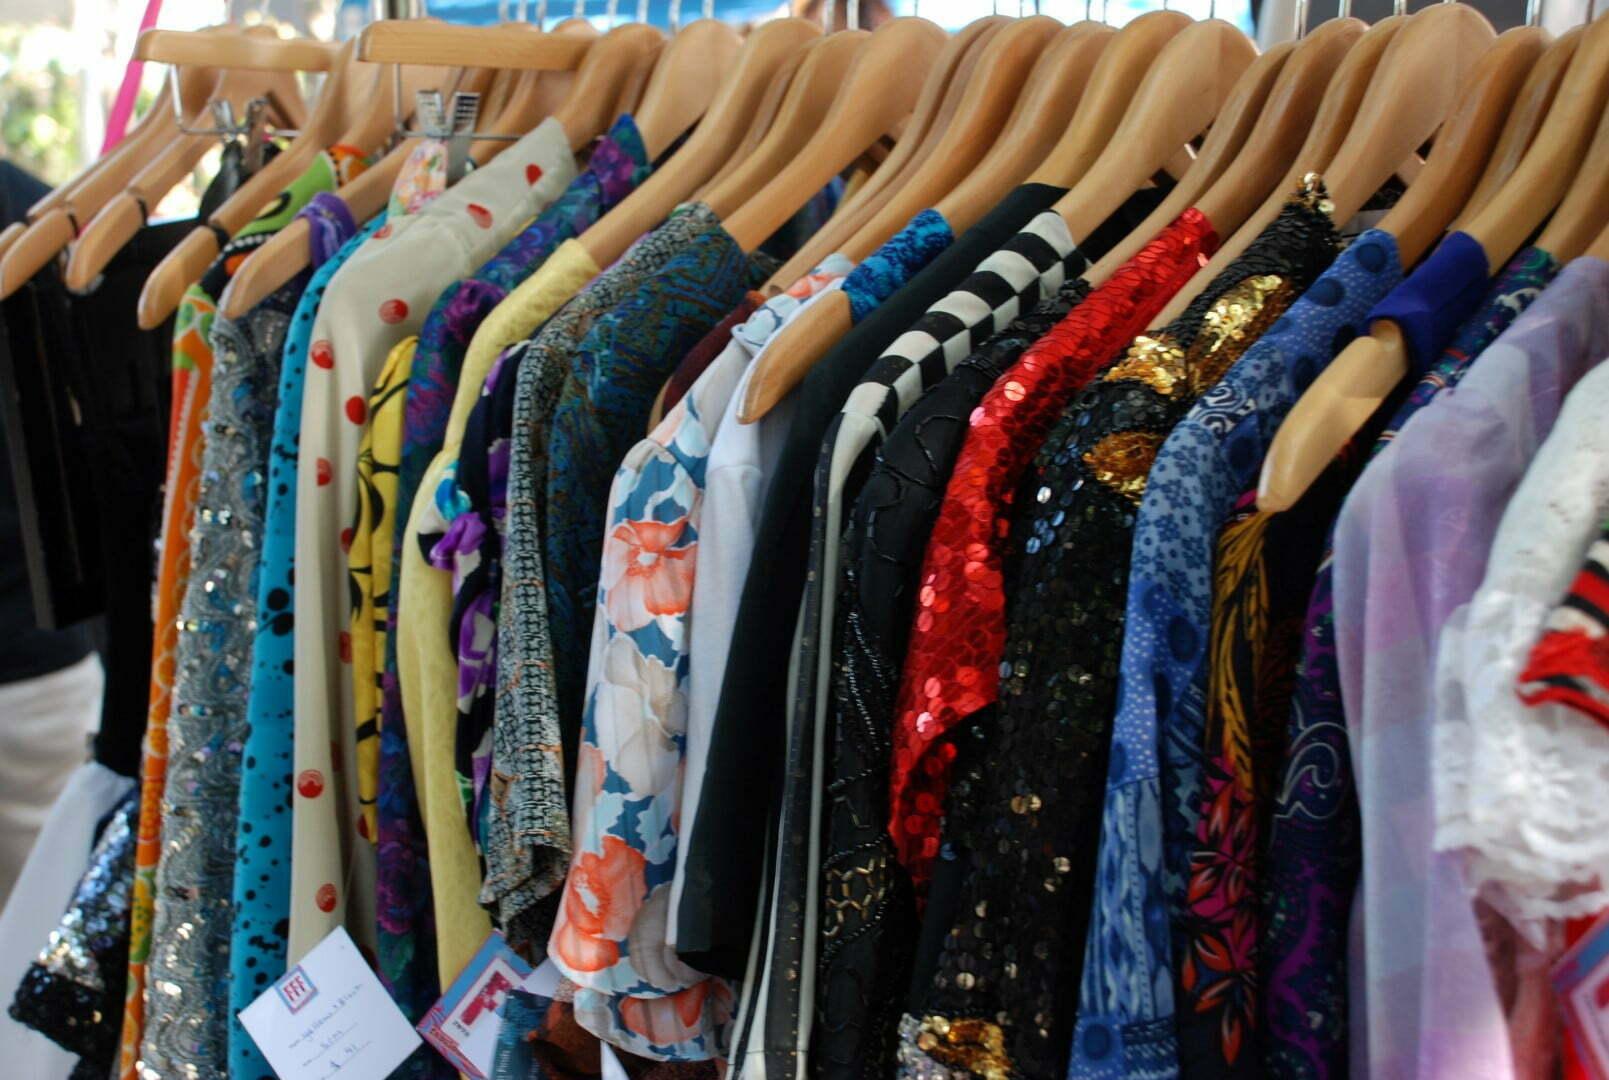 Utrechtse kledingbibliotheek maakt overvolle kledingkasten verleden tijd